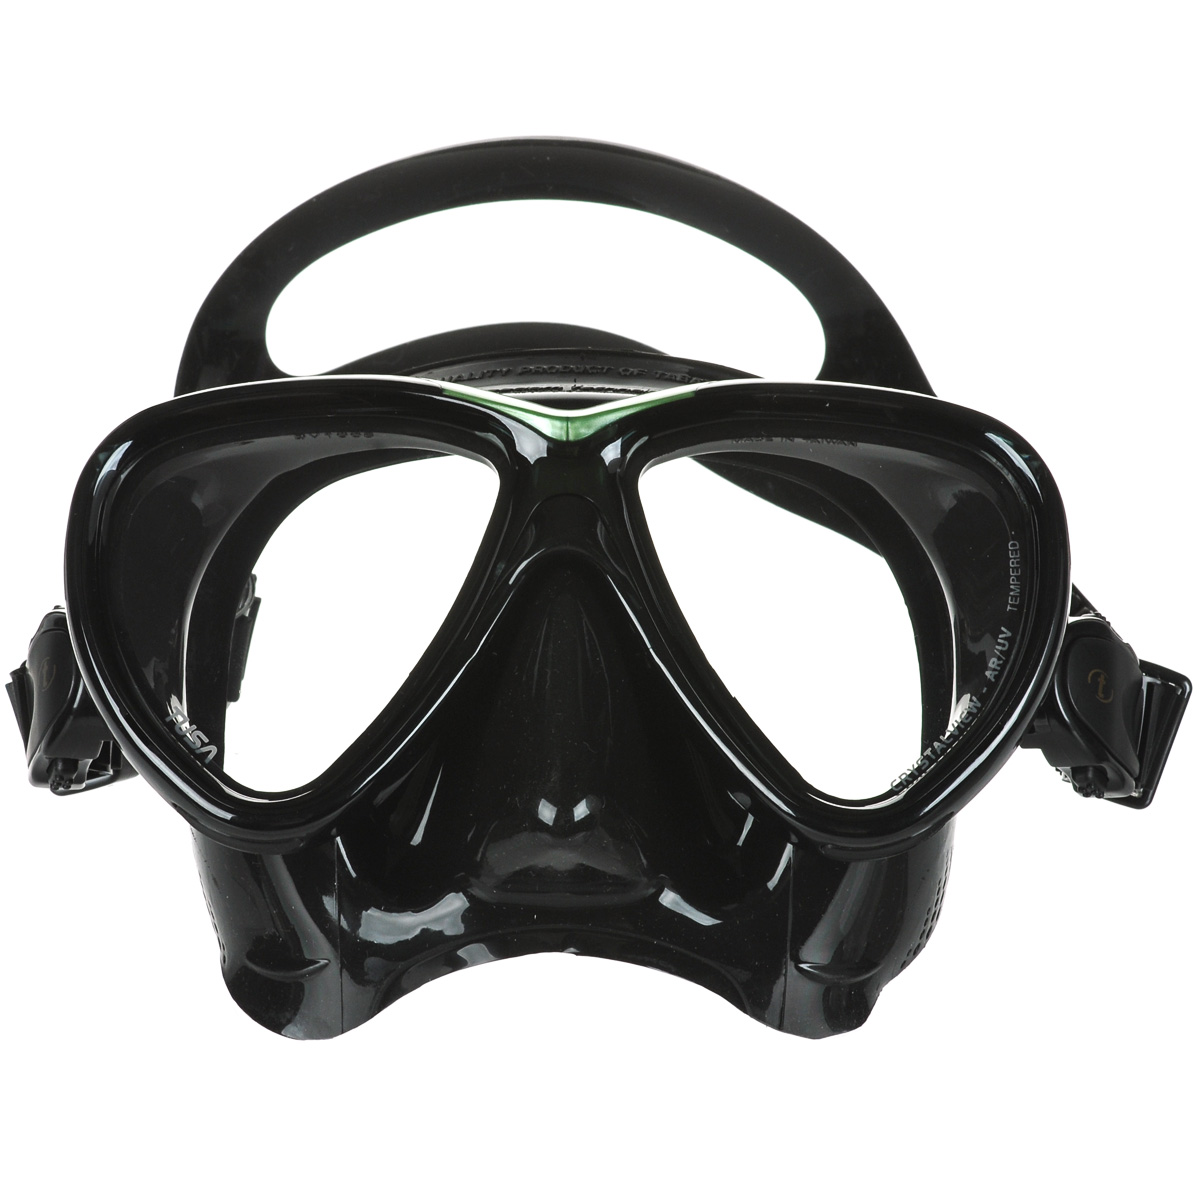 Маска для плавания Tusa Freedom One Pro, цвет: черный, зеленыйTS M-211 HRНовинка 2013 года.От обычной маски Freedom One серия Pro отличается линзами CrystalView AR/UV с антибликовым и УФ-защитным покрытием.Линзы с антибликовым покрытием значительно уменьшают количество отраженного света, в результате картинка становится более яркой, красочной и контрастной. Особая UV обработка этих линз обеспечивает 100% защиту от ультрафиолета UVA и UVB, блокируя спектр излучения до 400 нм.В маске применен ряд новых революционных технологий, обеспечивающих комфорт и прилегание маски к лицу. Ячеистая структура обтюратора переменной величины и диаметра в районе скул и по краям лба делают его более мягким и эластичным, что обеспечивает лучшее прилегании и уменьшает вероятность протекания.Переменная толщина силикона обтюратора в районе рта и нижней части носа делают процесс использования трубки максимально комфортным.Обтюратор по линии соприкосновения с кожей имеет поверхность пониженного трения и большую площадь соприкосновения с кожей.В данной маске применена недавно разработанная низкопрофильная пряжка, которая крепится прямо к силиконовому обтюратору.В результате получается компактная, легкая и технологически более совершенная модель маски, которую можно просто и быстро настроить под себя, добившись оптимального прилегания. Характеристики: Цвет: черный, зеленый. Ширина оправы маски: 15,5 см. Размер упаковки: 20 см x 10,5 см x 11 см. Материал: силикон, стекло, пластик. Артикул: TS M-211SQB BK/SG.Производитель: Тайвань.